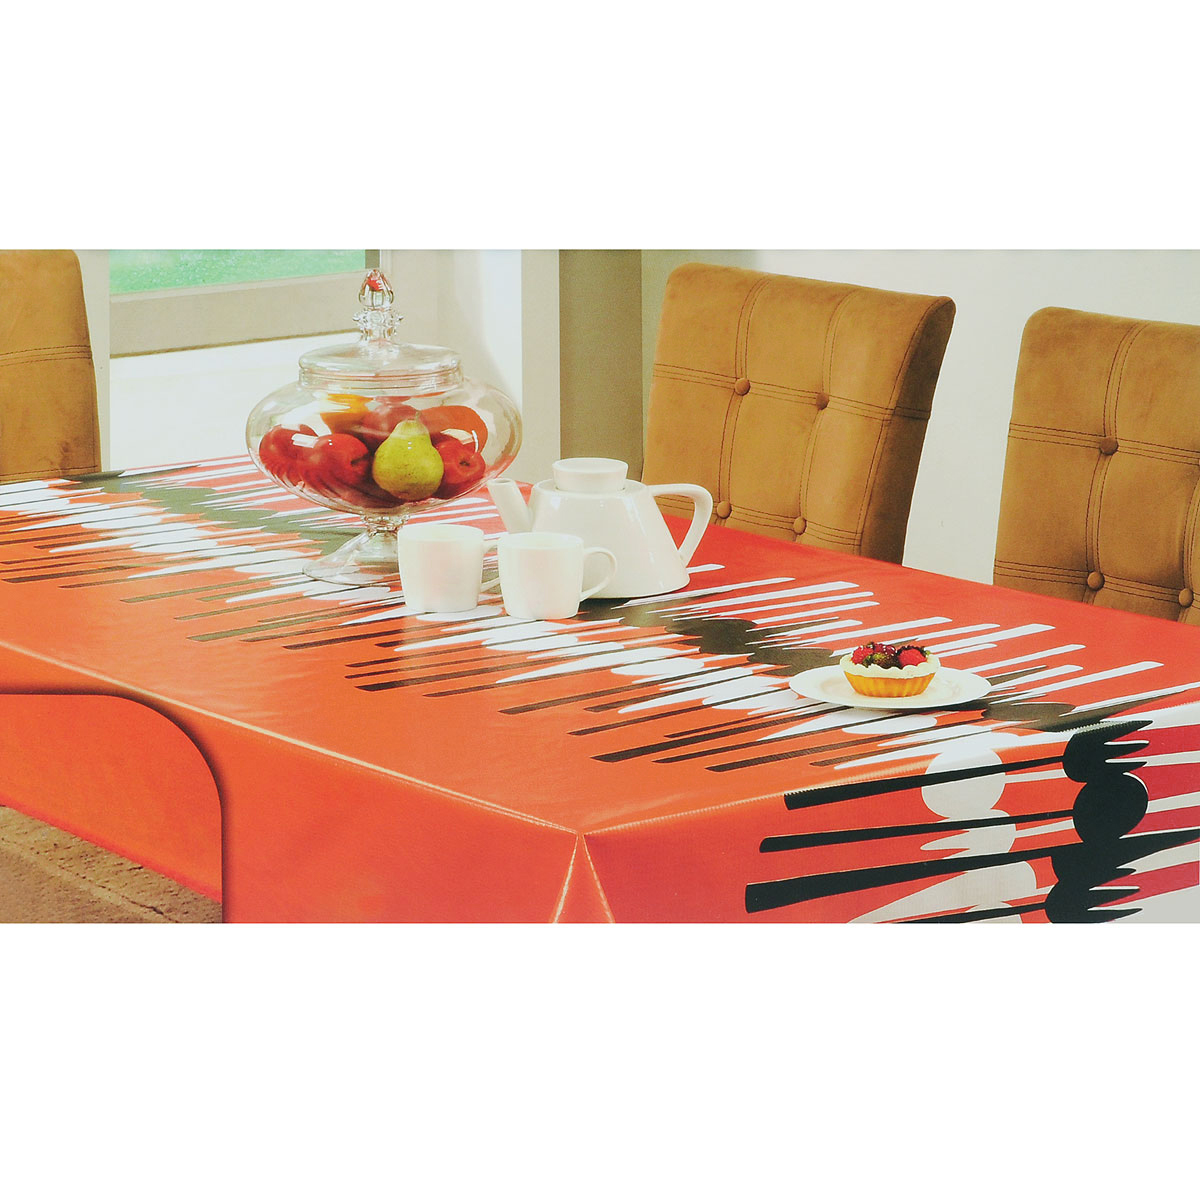 Скатерть White Fox Осень, прямоугольная, цвет: красный, оранжевый, 152 x 228 см цена